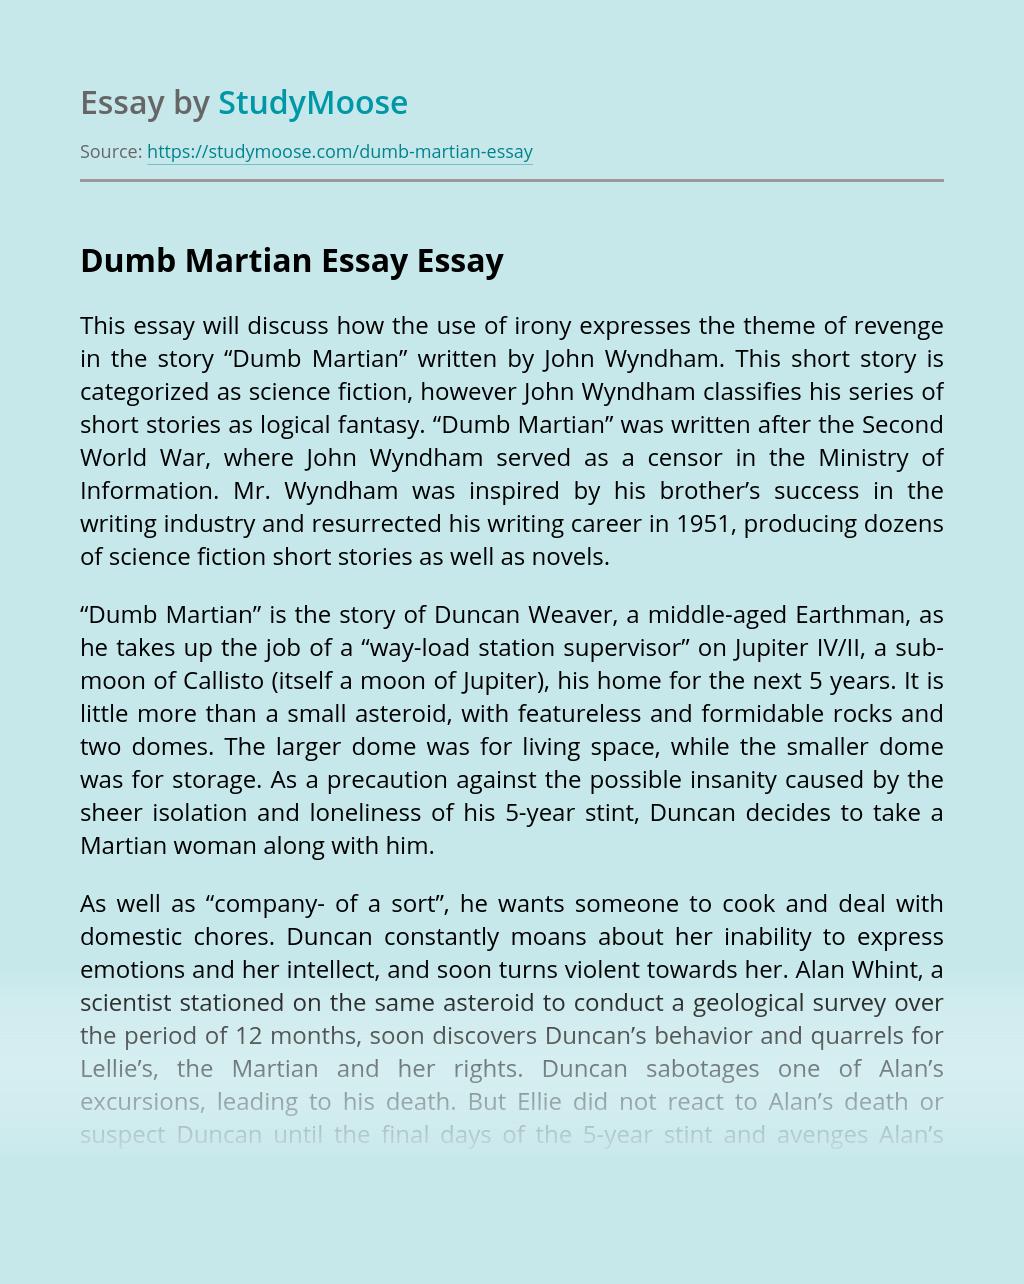 Dumb Martian Essay